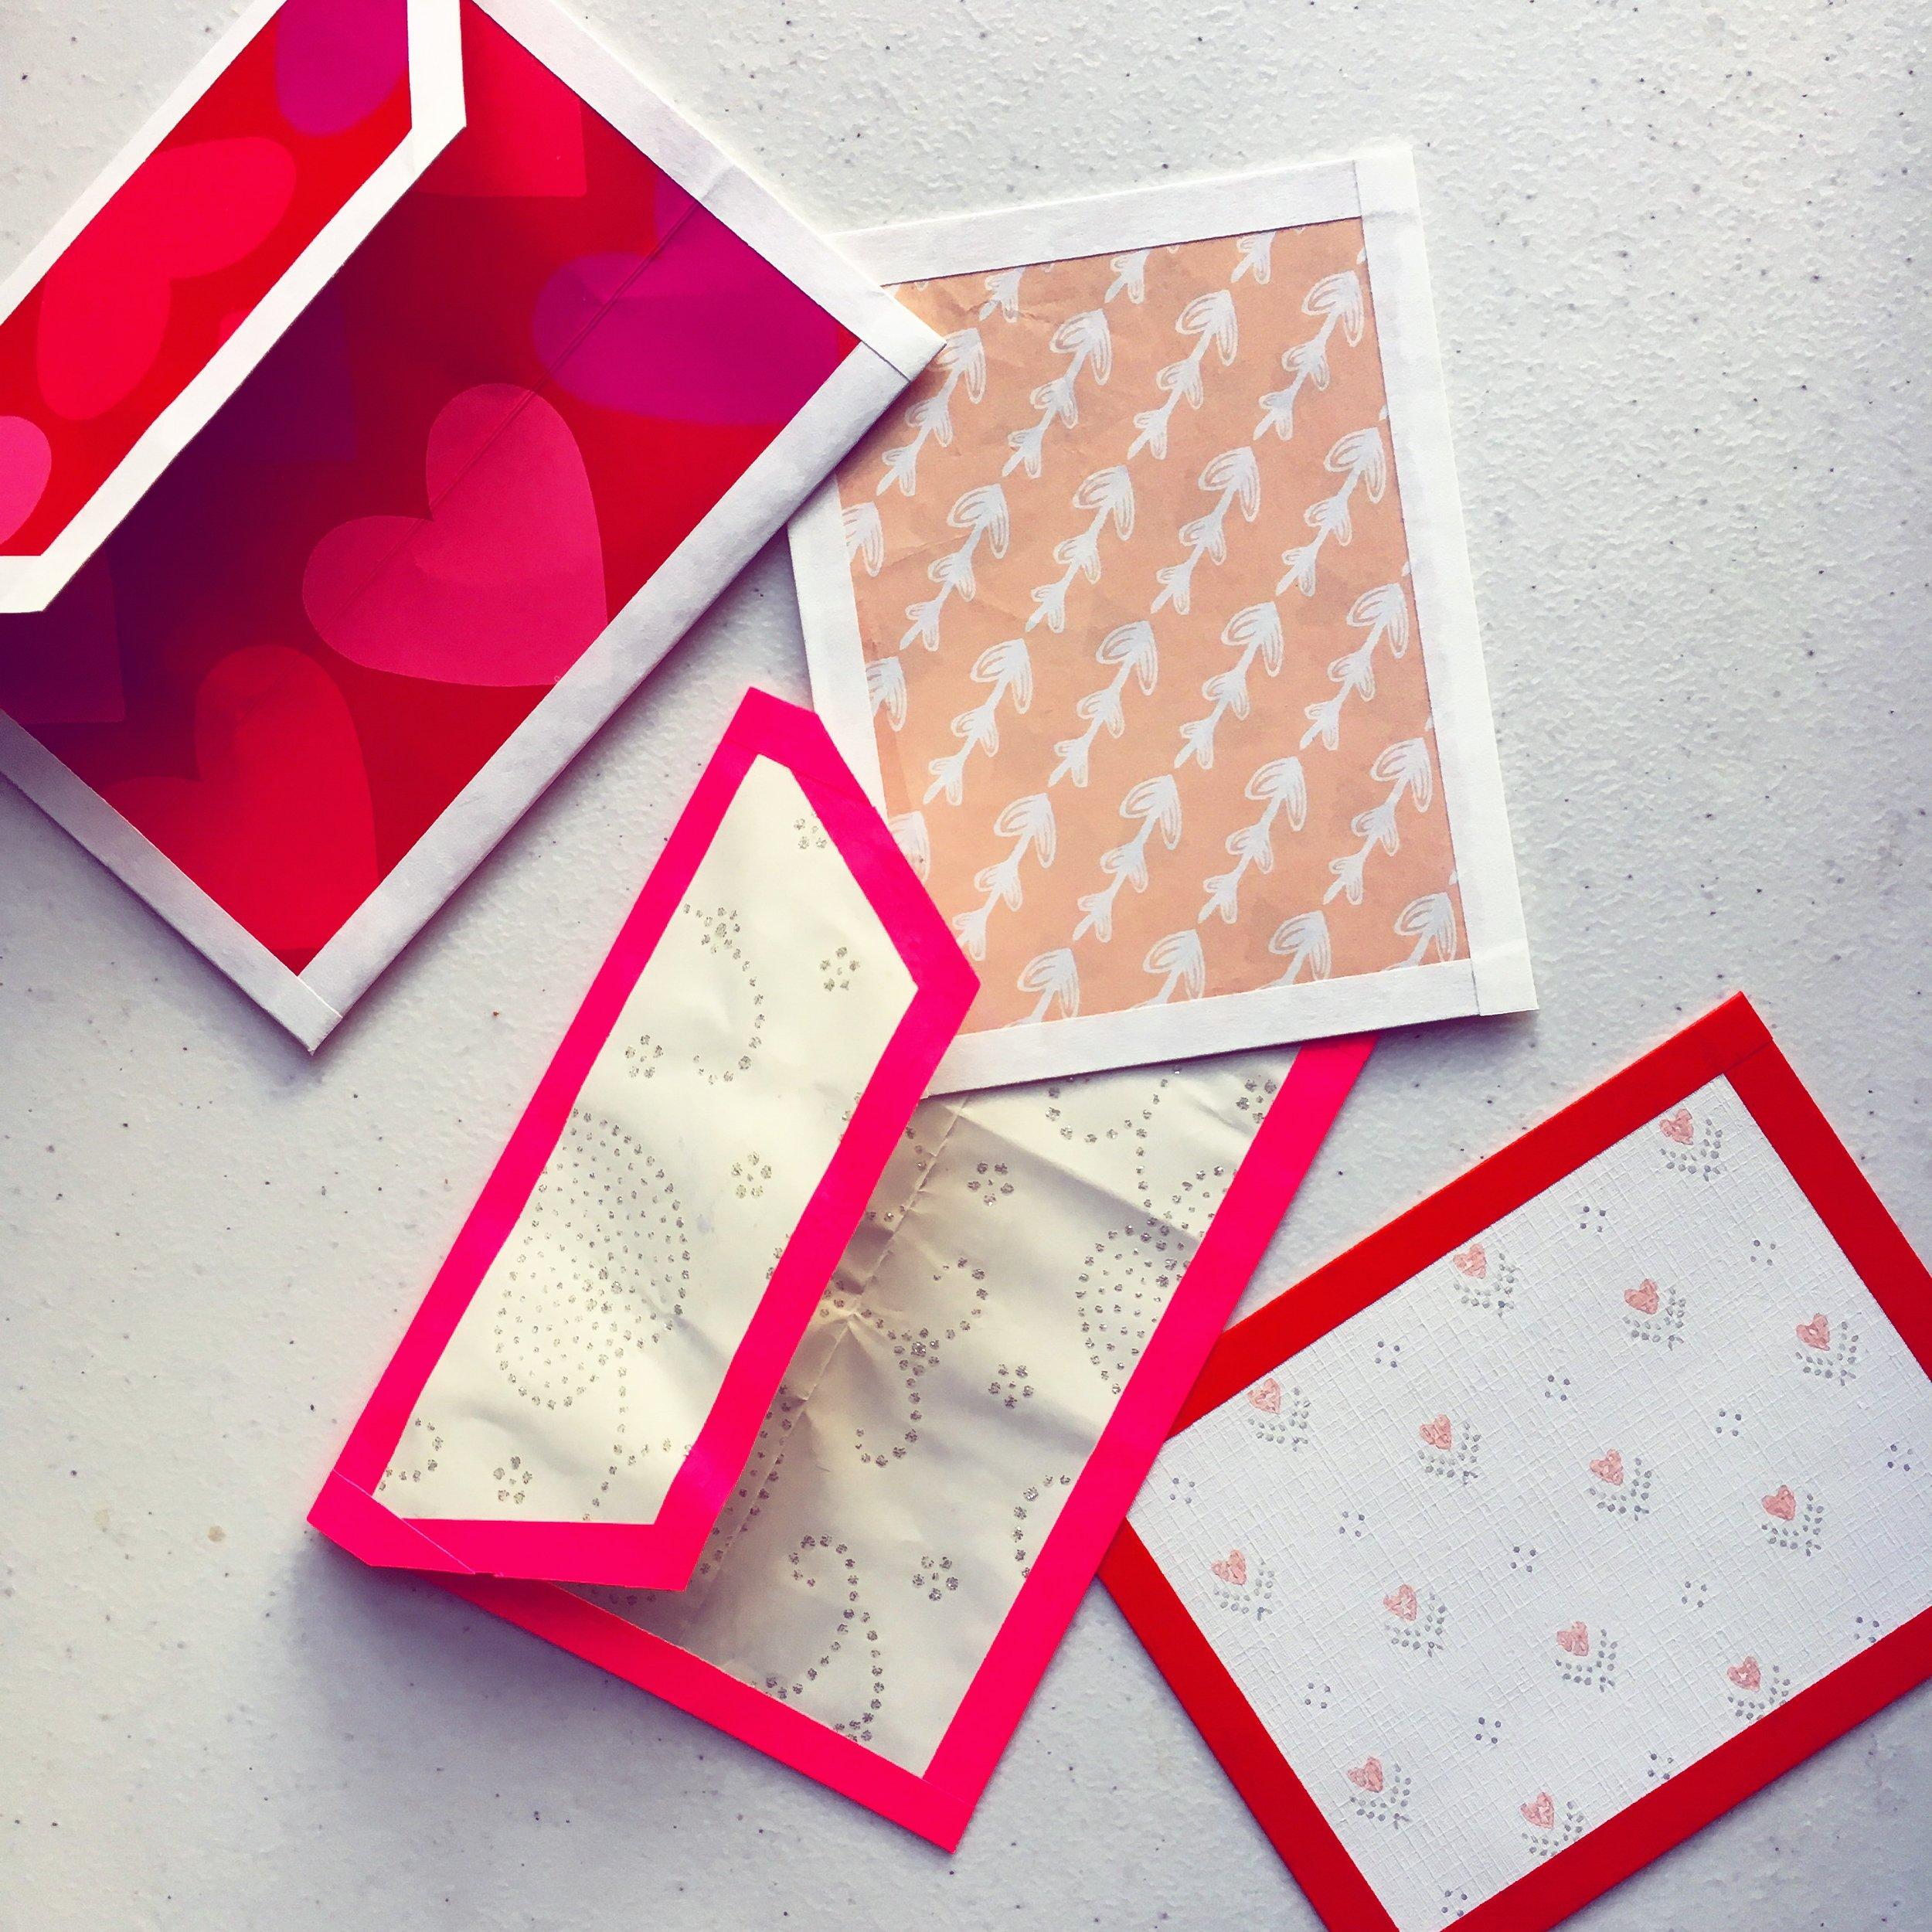 vday envelopes.JPG